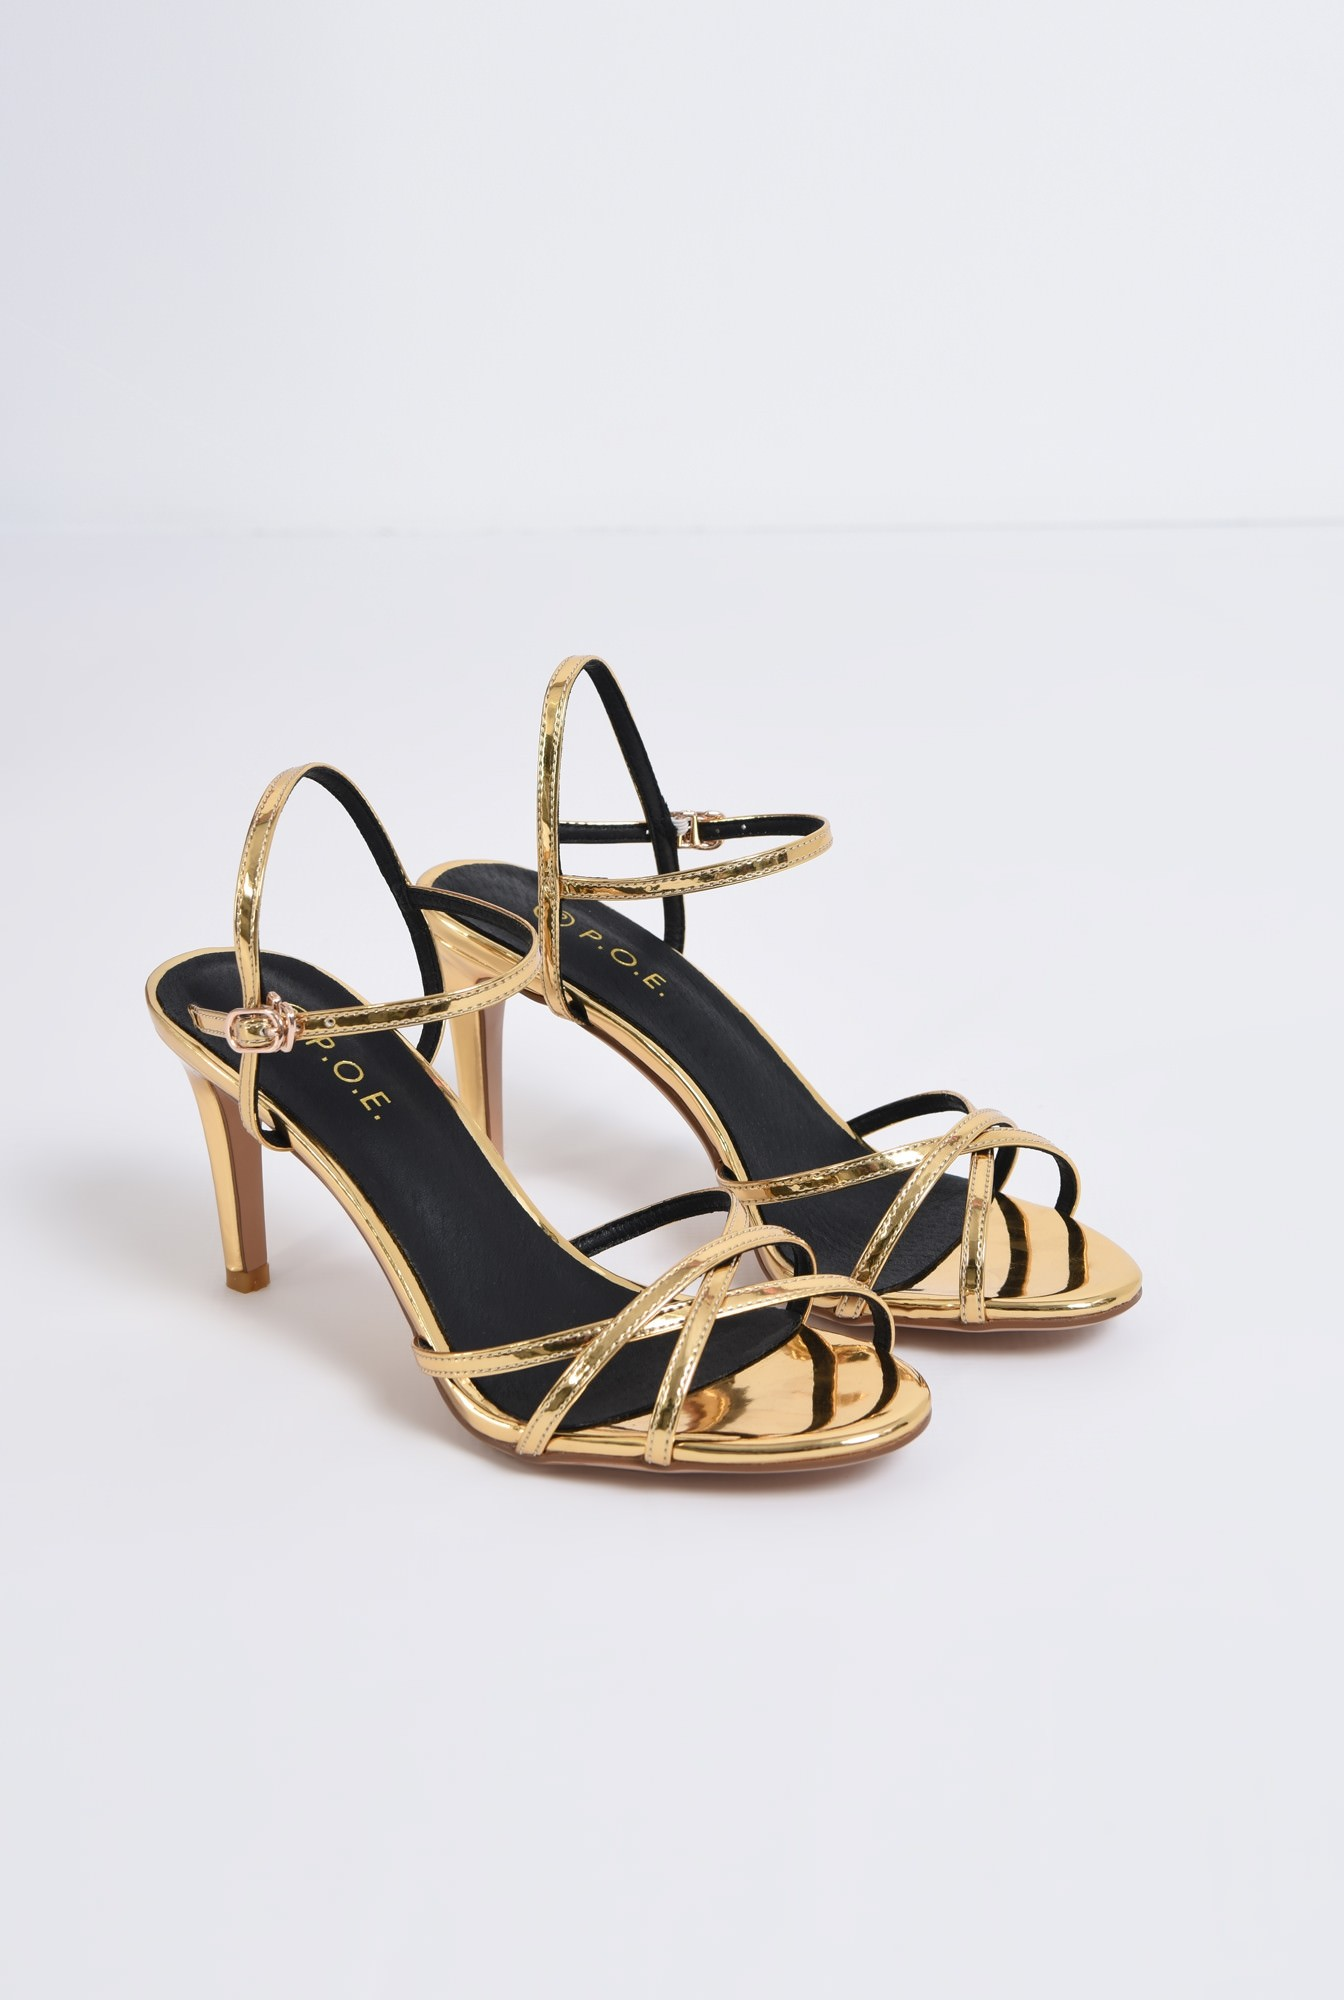 1 - sandale elegante, aurii, cu toc, aspect metalic